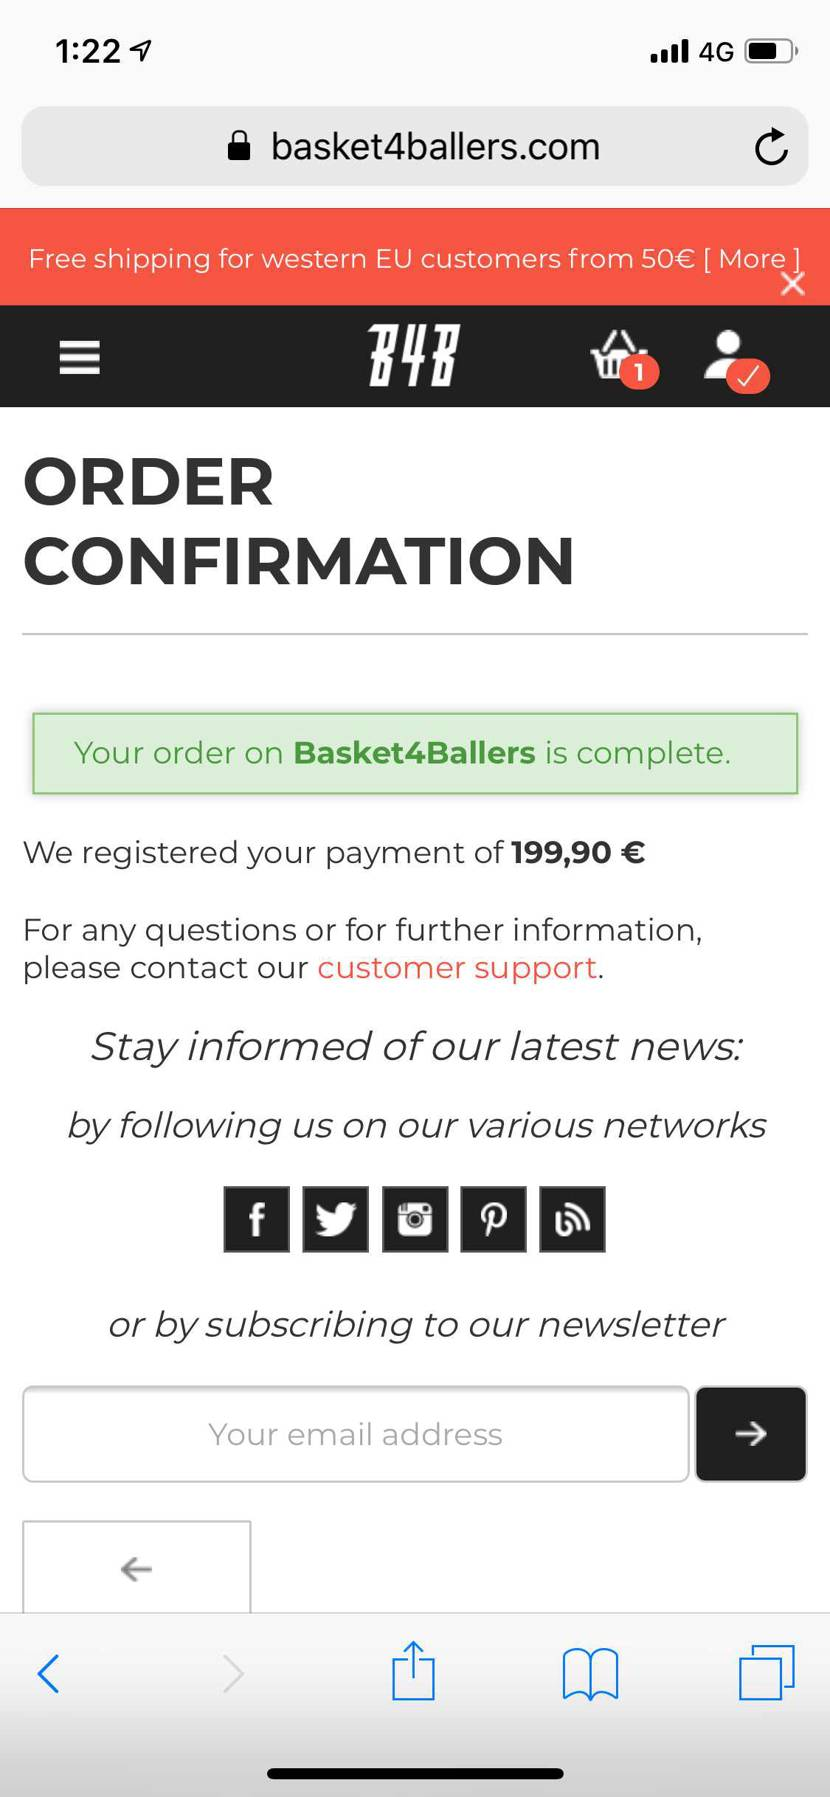 ようやく安眠できます…。初回購入10€OFFです。 教えてくれた方々ありがとう